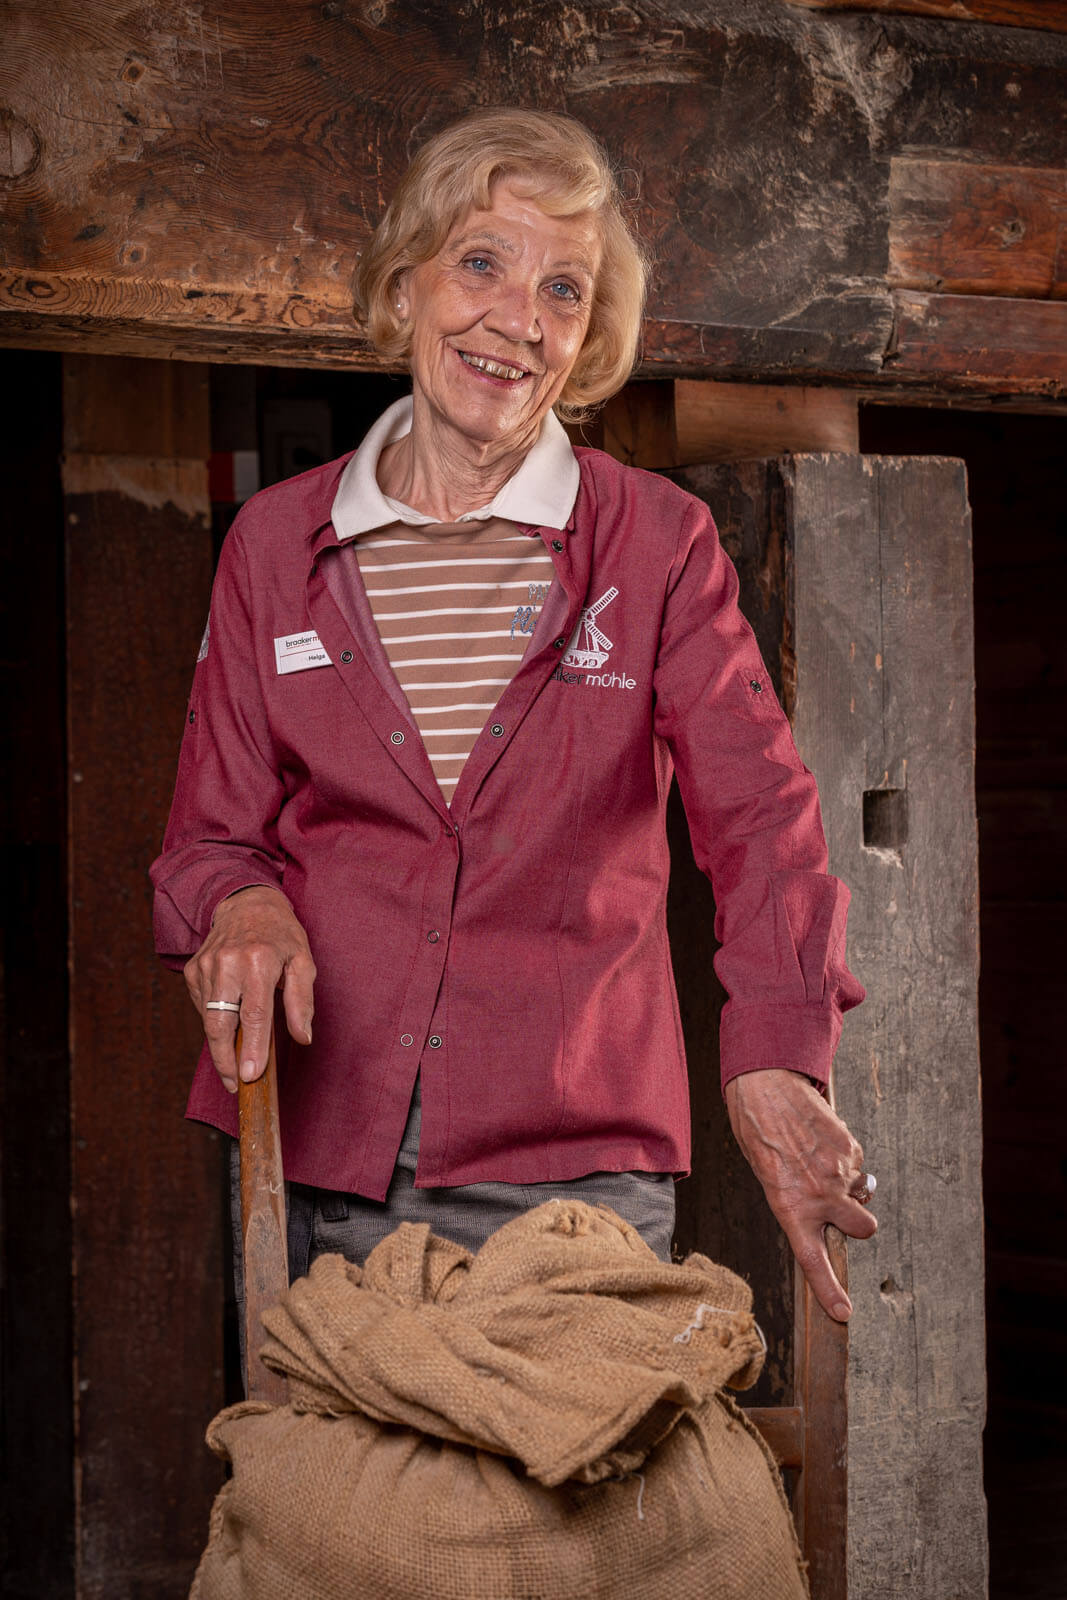 Portraitfoto einer Mitarbeiterin der Braaker Mühle